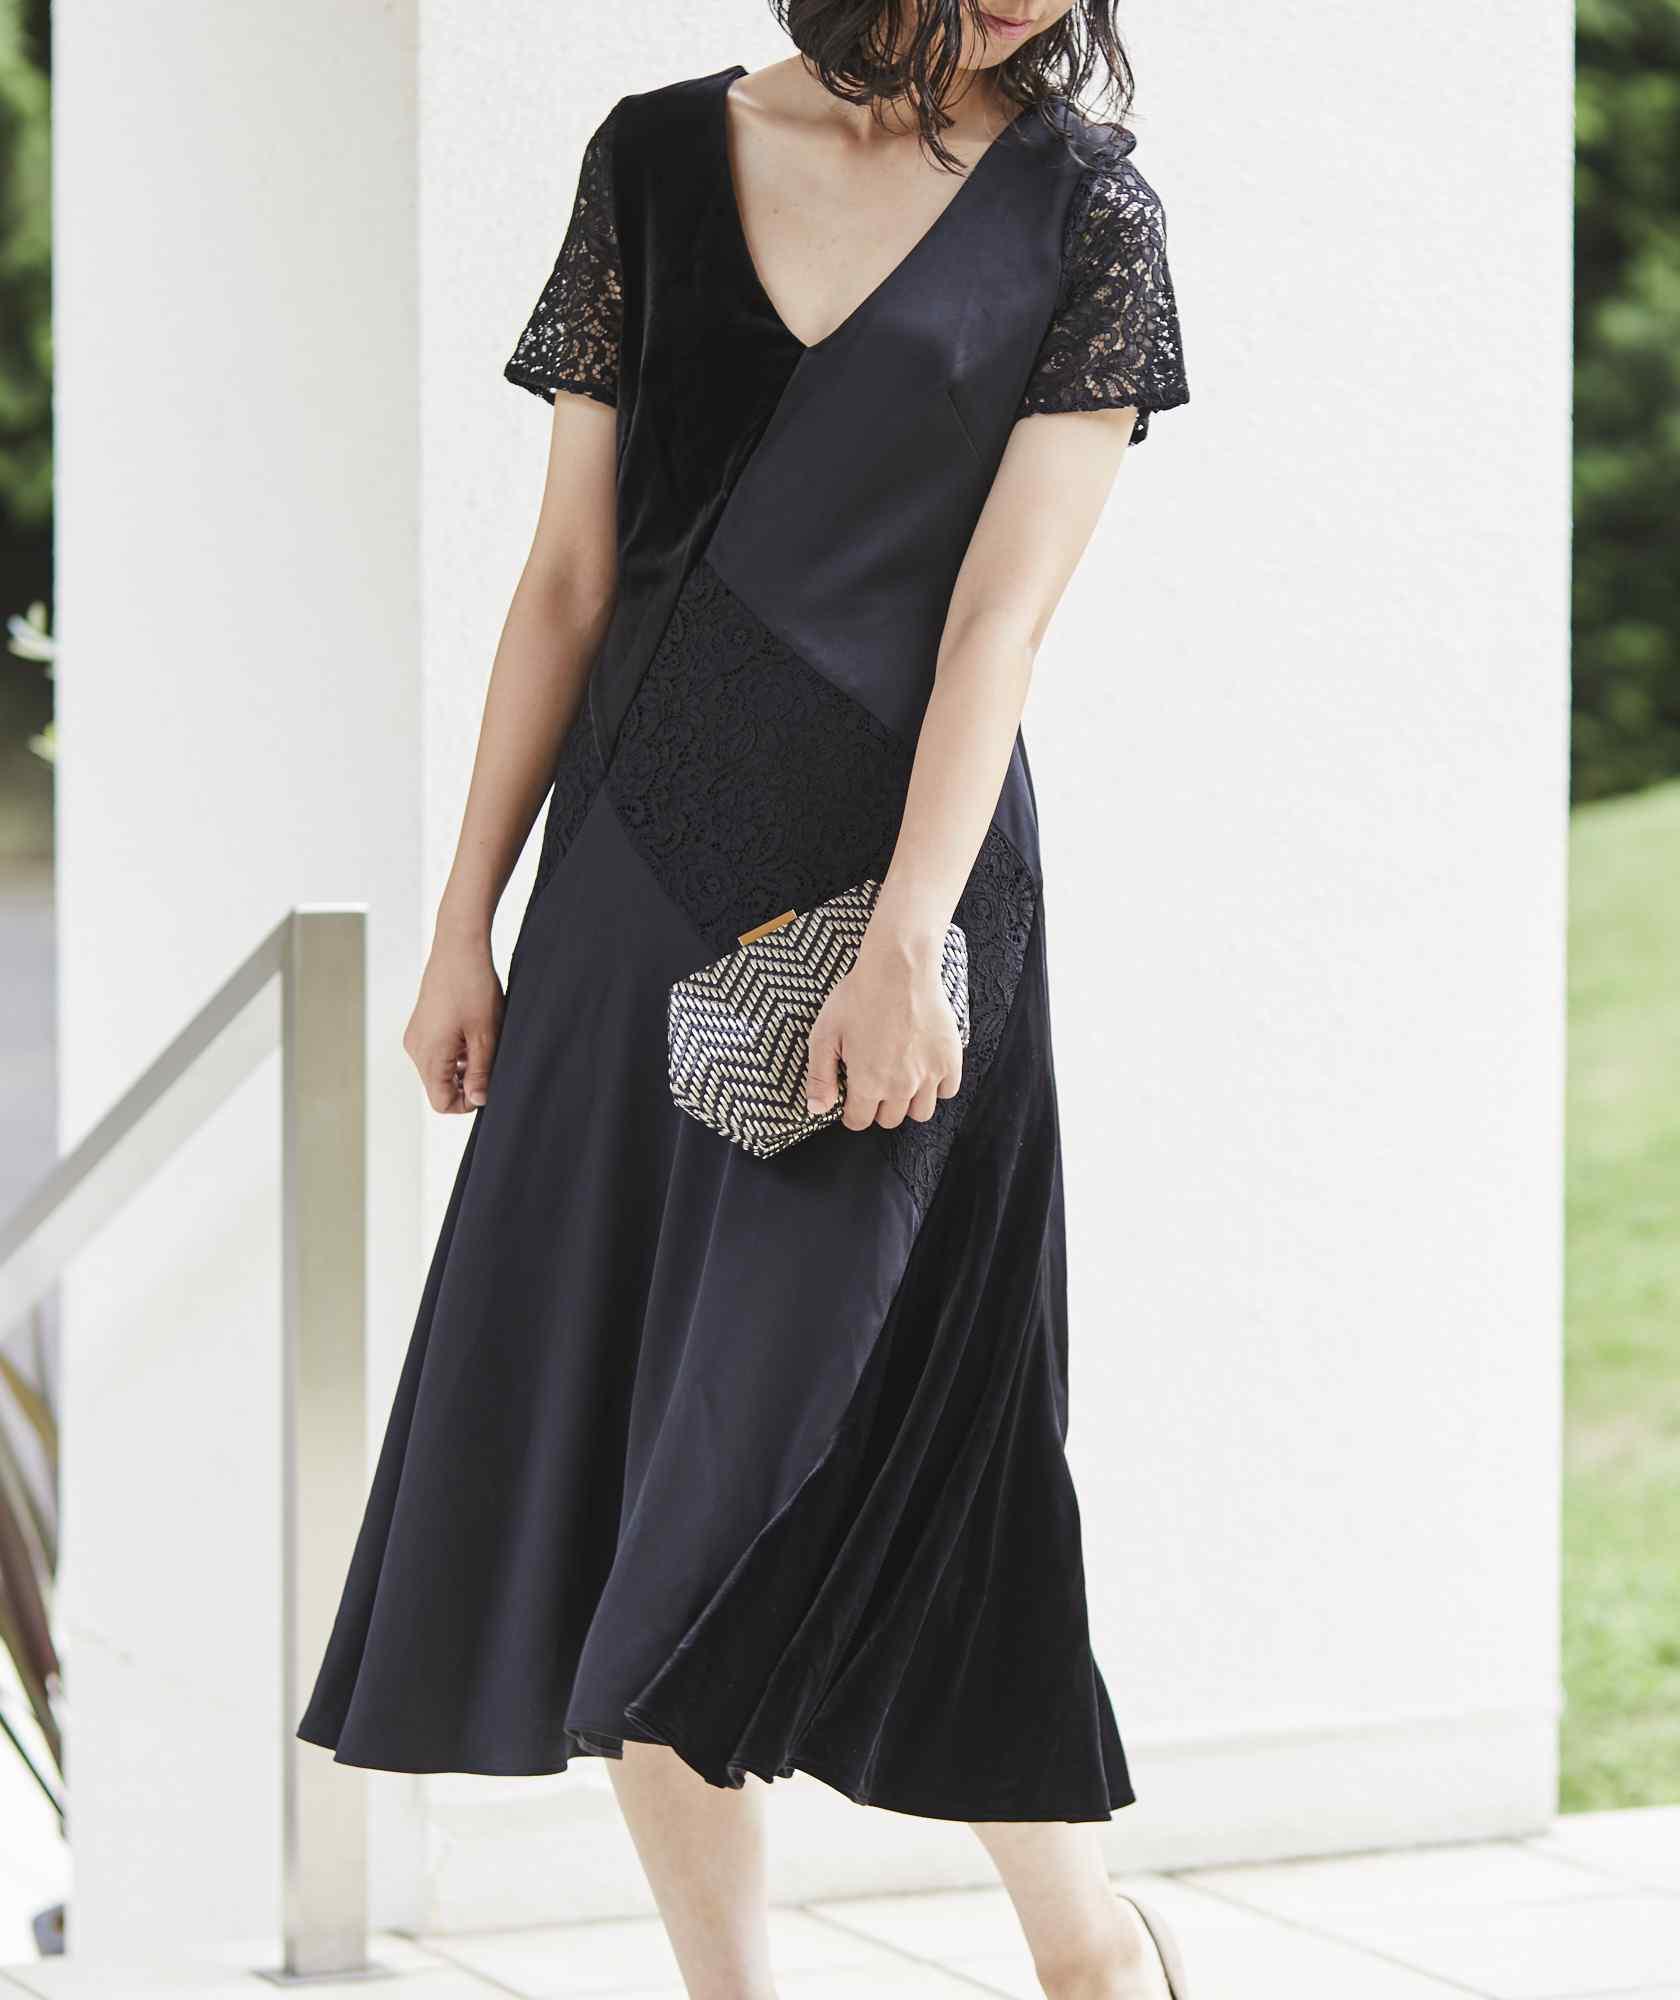 ベルベットパッチワークVネックミディアムドレス-ブラック-M-L